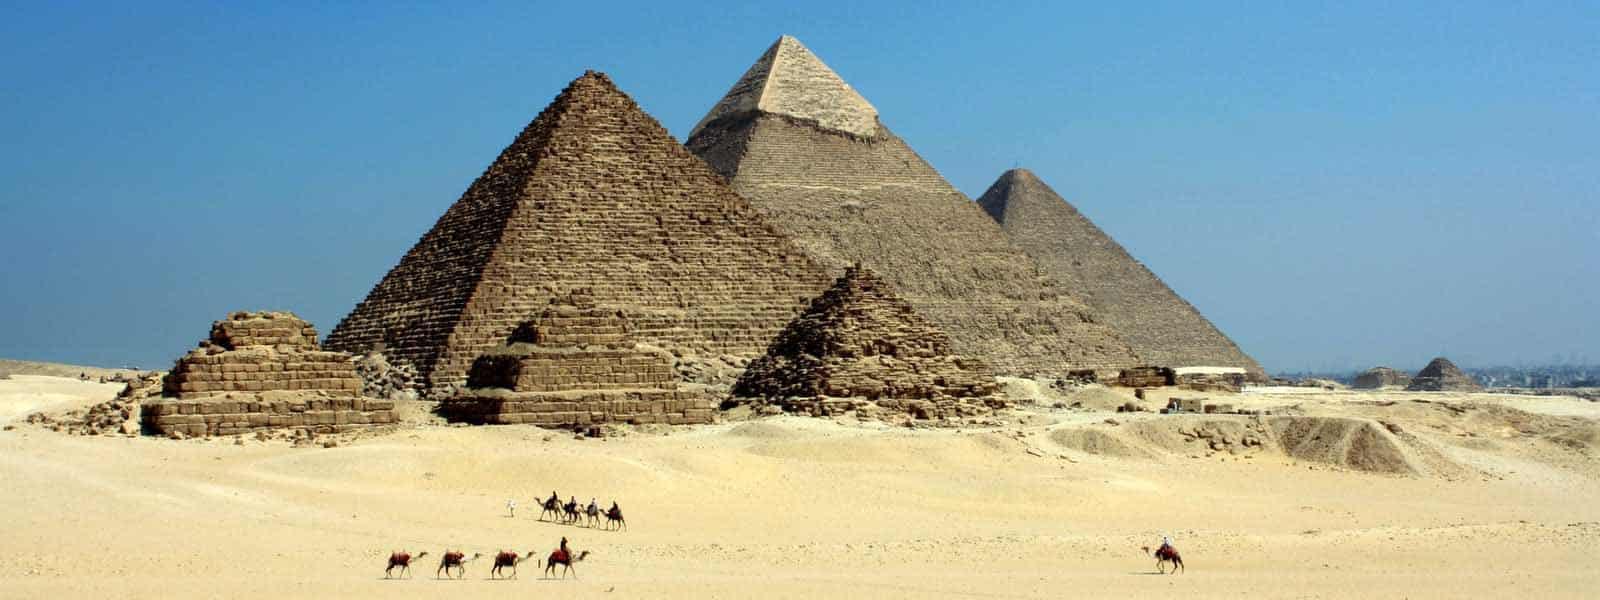 برنامج سياحي في مصر لمدة 2 ليلة 3 أيام